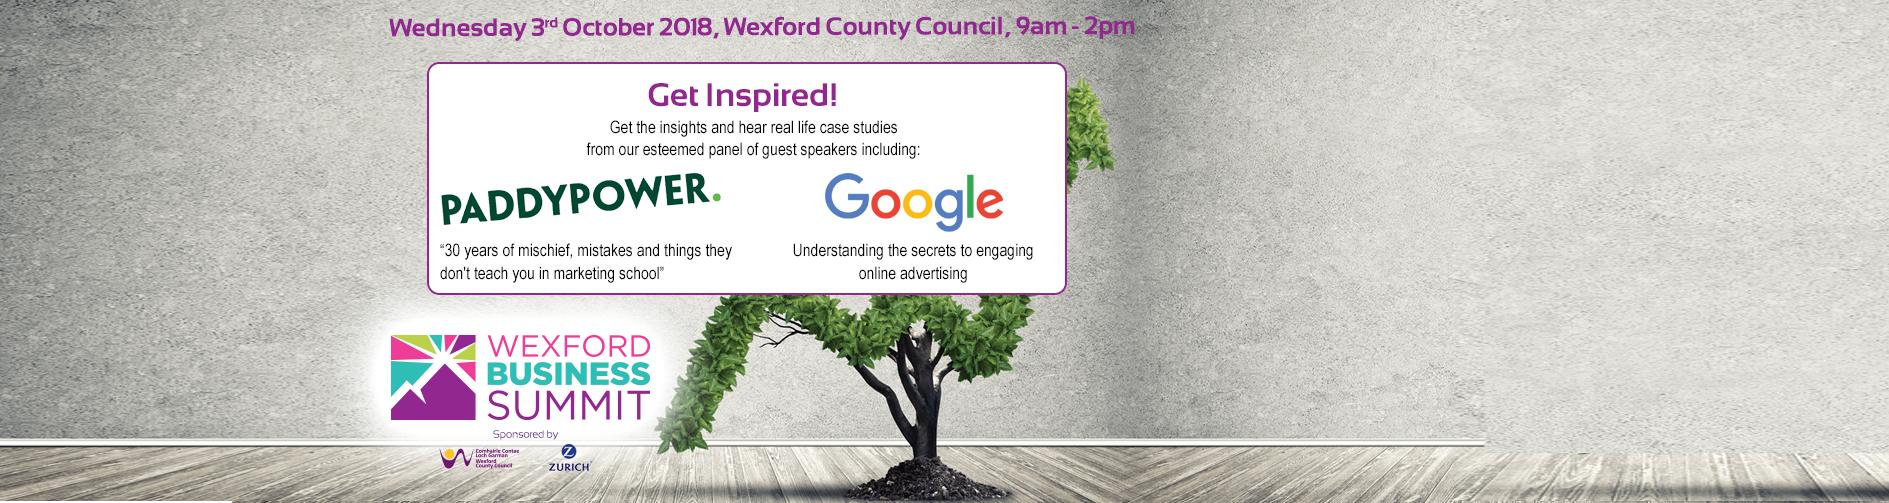 Wexford Business Summit